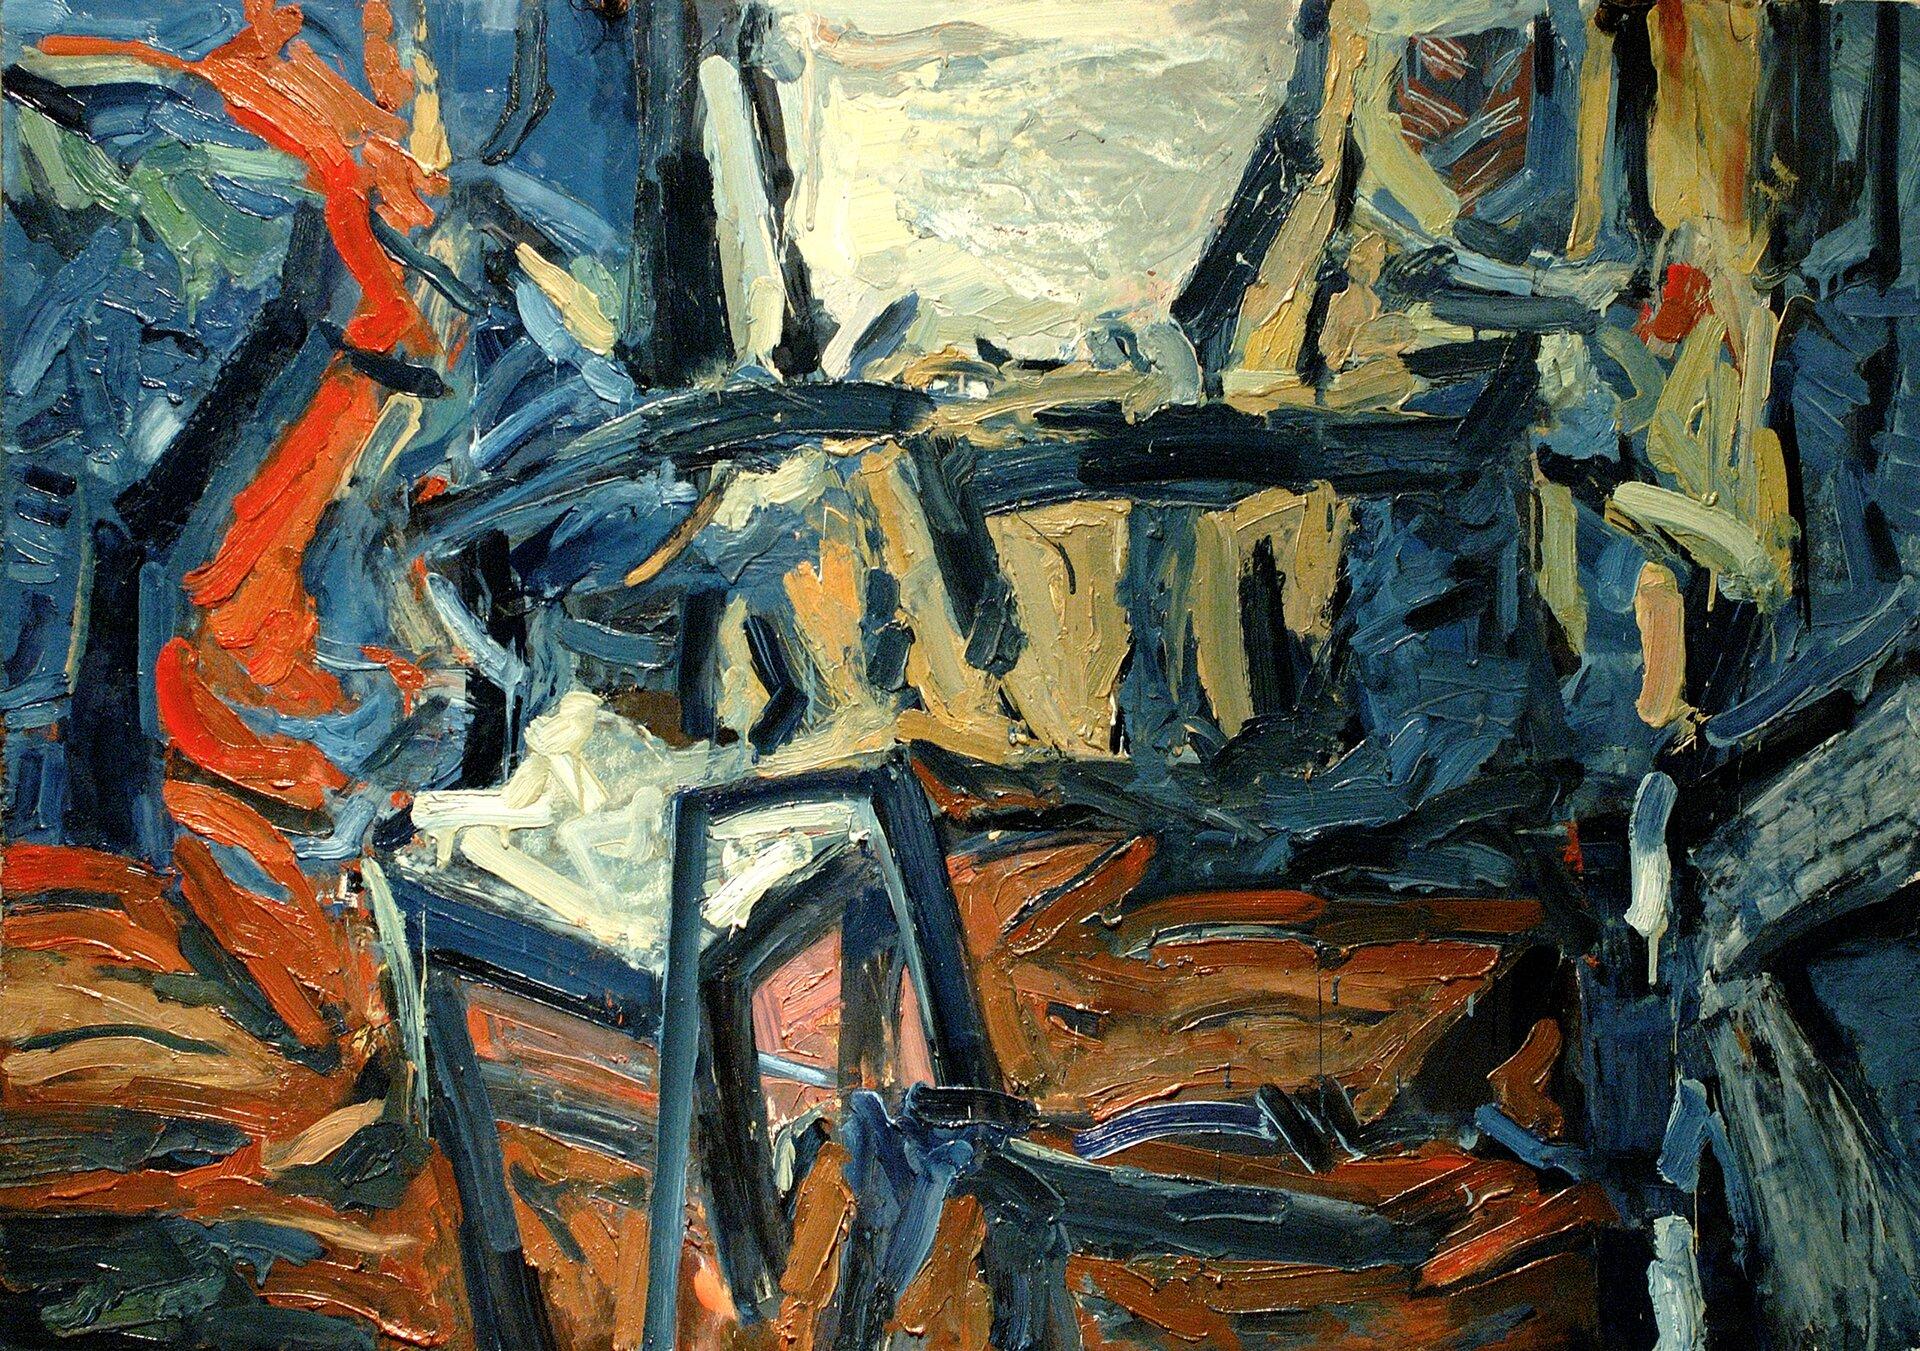 """Ilustracja przedstawia obraz olejny """"Pracownia"""" autorstwa Jacka Gramatyki. Dzieło ukazuje ekspresyjną kompozycję abstrakcyjną, namalowaną dynamicznymi pociągnięciami pędzla. Artysta wswej pracy użył kontrastowych, niemal czystych kolorów. Szarości, granaty ibłękity zderzył zoranżami, czerwieniami, ugrami ibrązami. Farba kładziona jest grubo, impasto."""